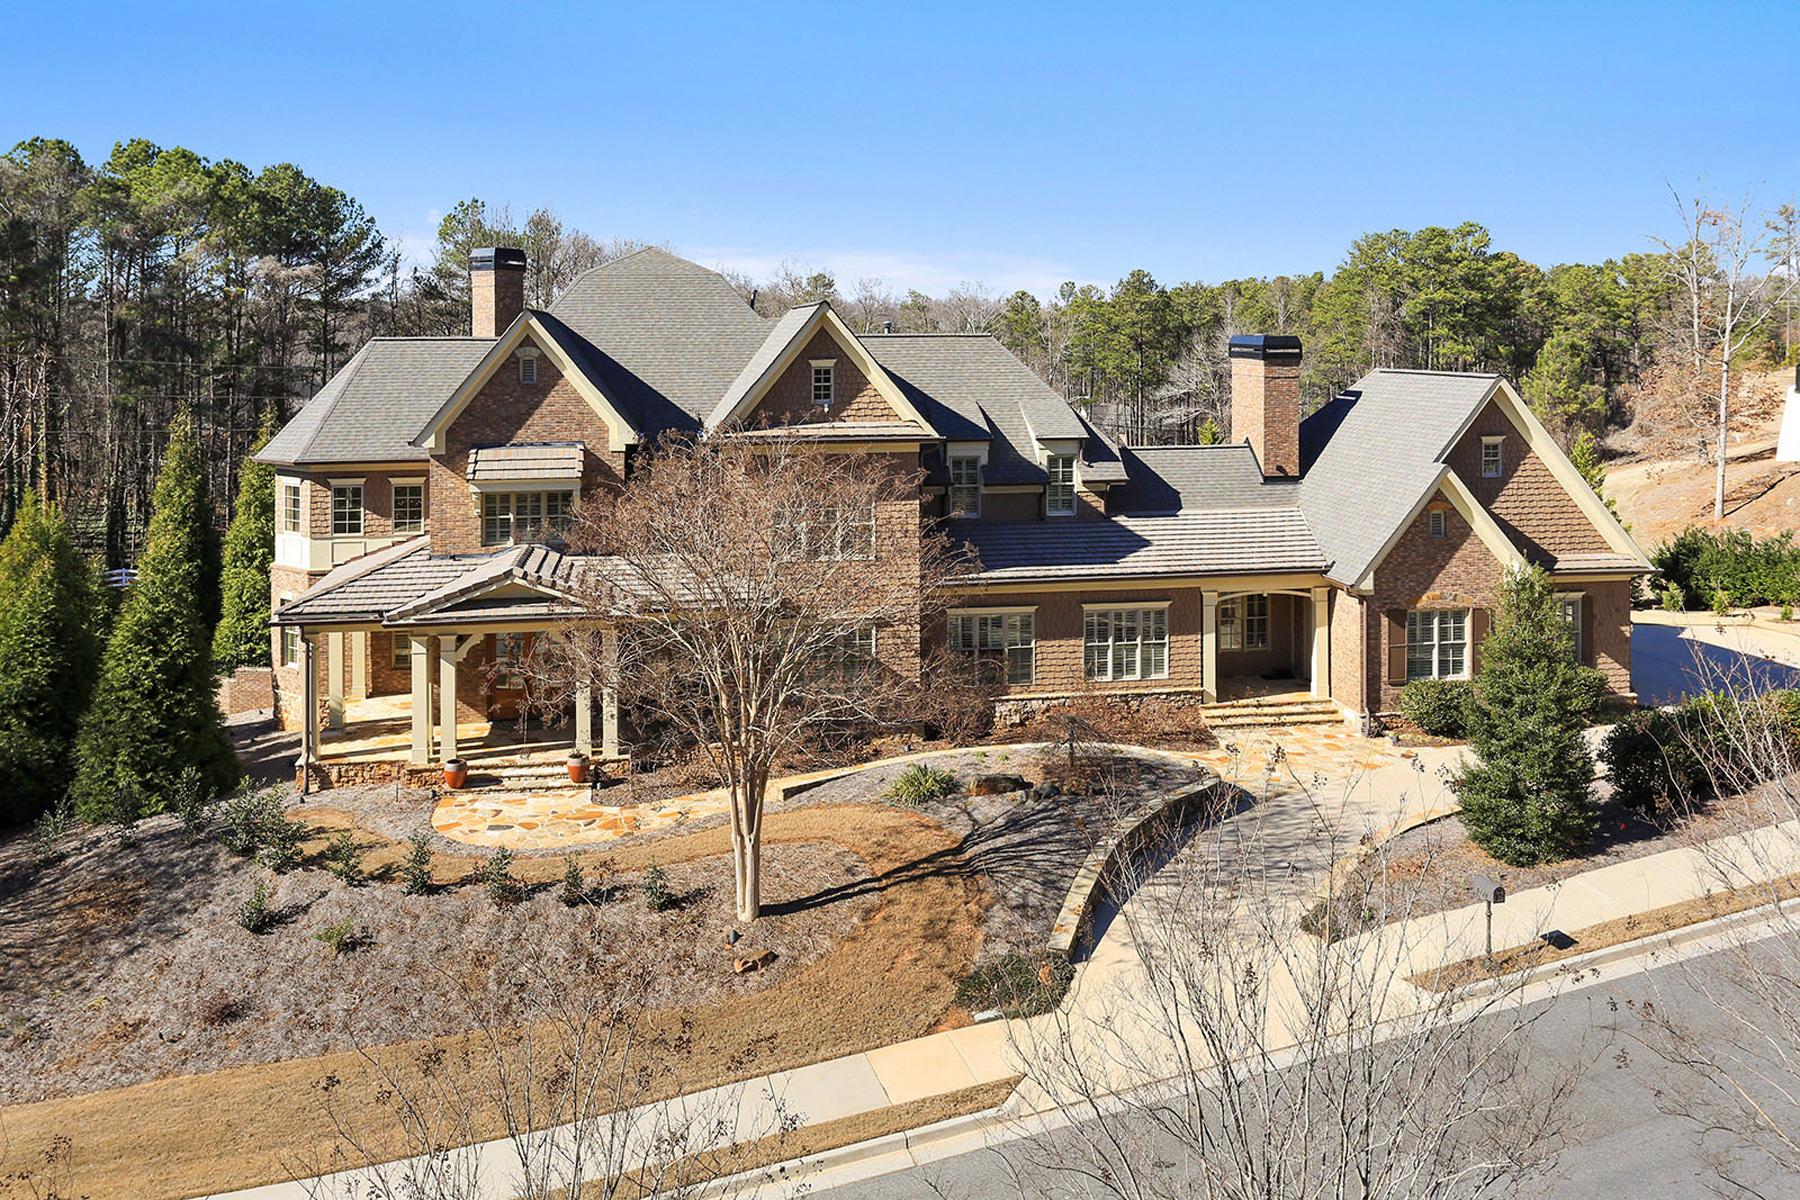 獨棟家庭住宅 為 出售 在 Stunning Home On Resort-Like Setting 5128 Pindos Pass Powder Springs, 喬治亞州 30127 美國